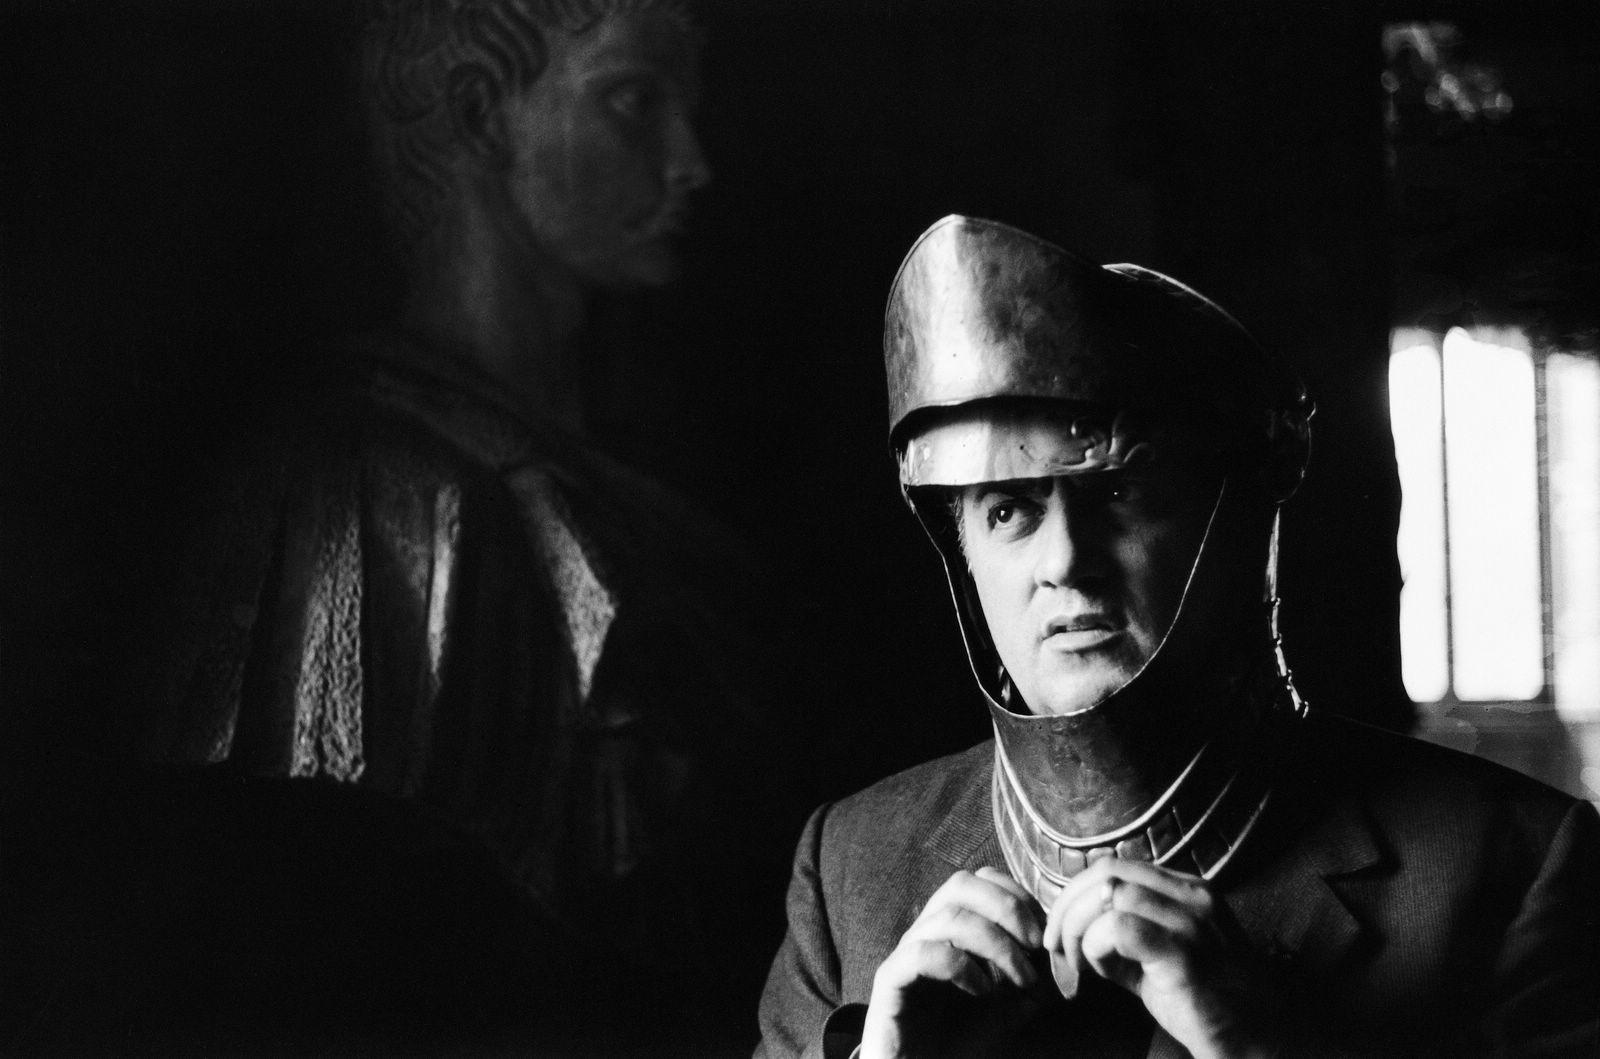 Wallpaper: Fellini sul set de La dolce vita